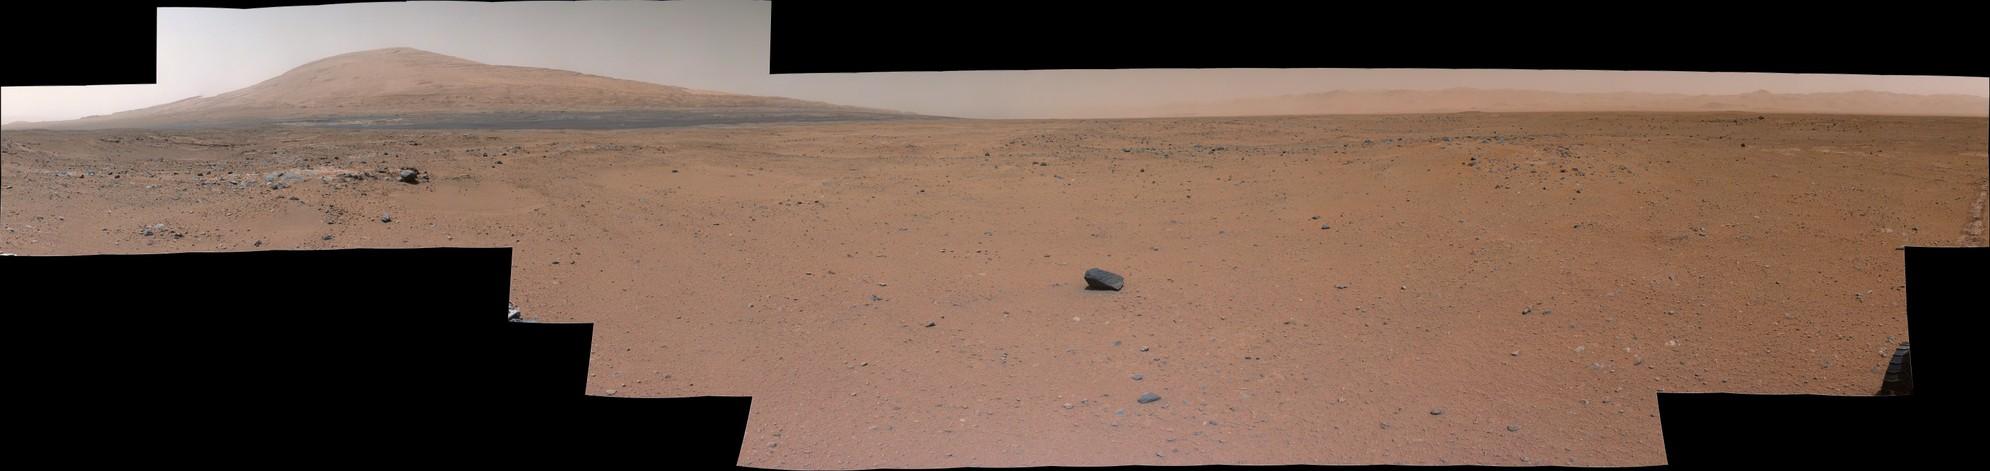 MSL Curiosity SOL 375